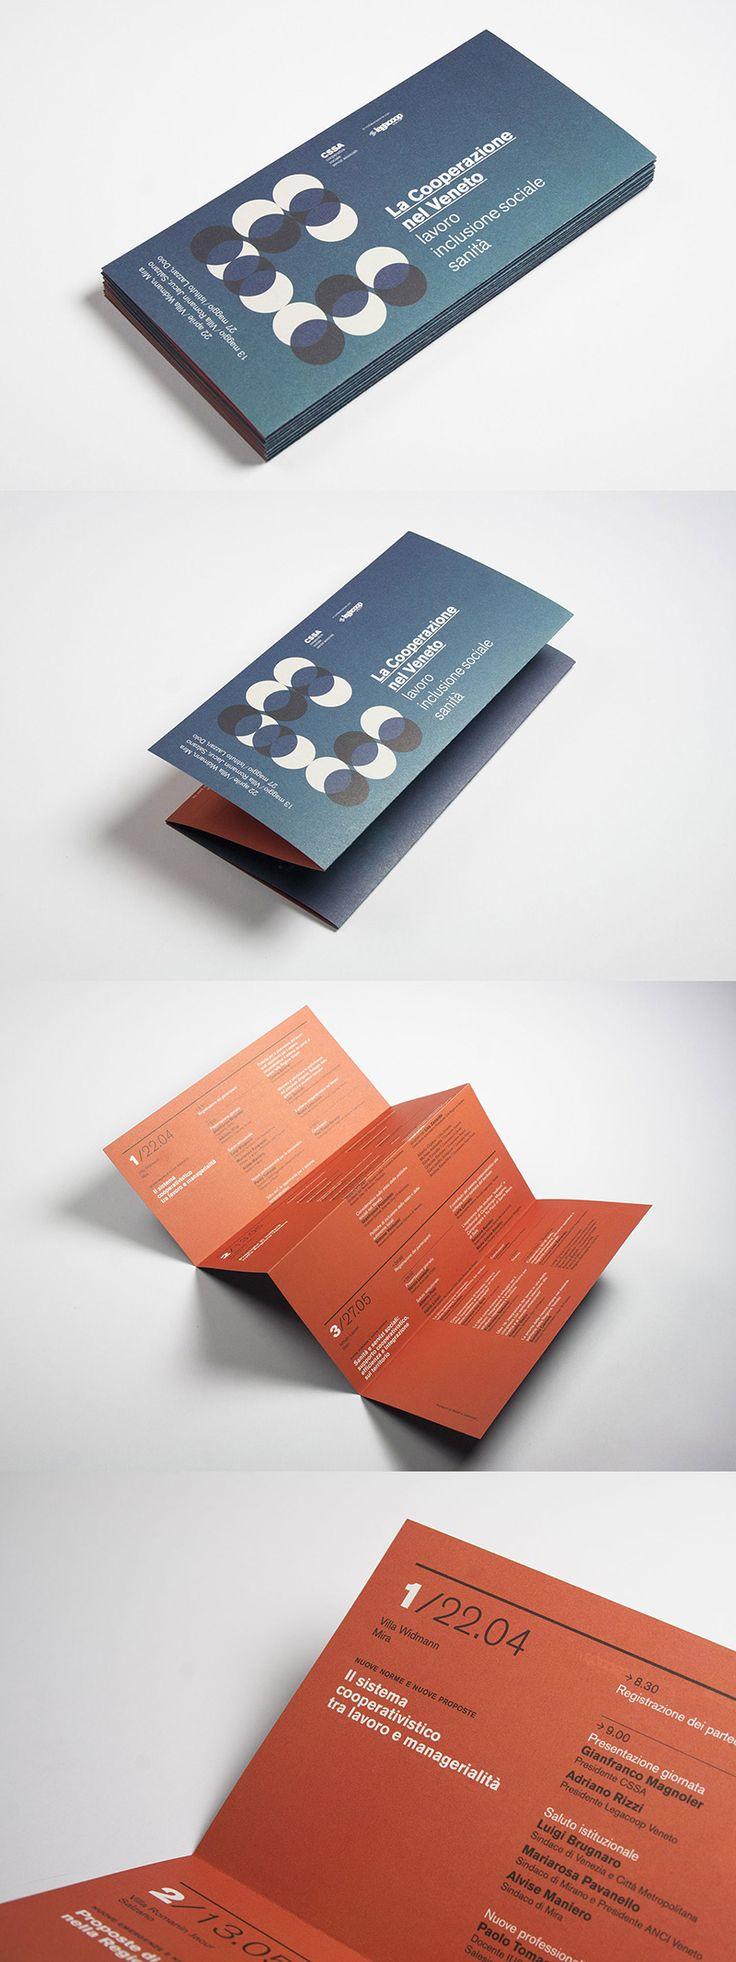 la cooperazione nel veneto, leaflet — hstudio